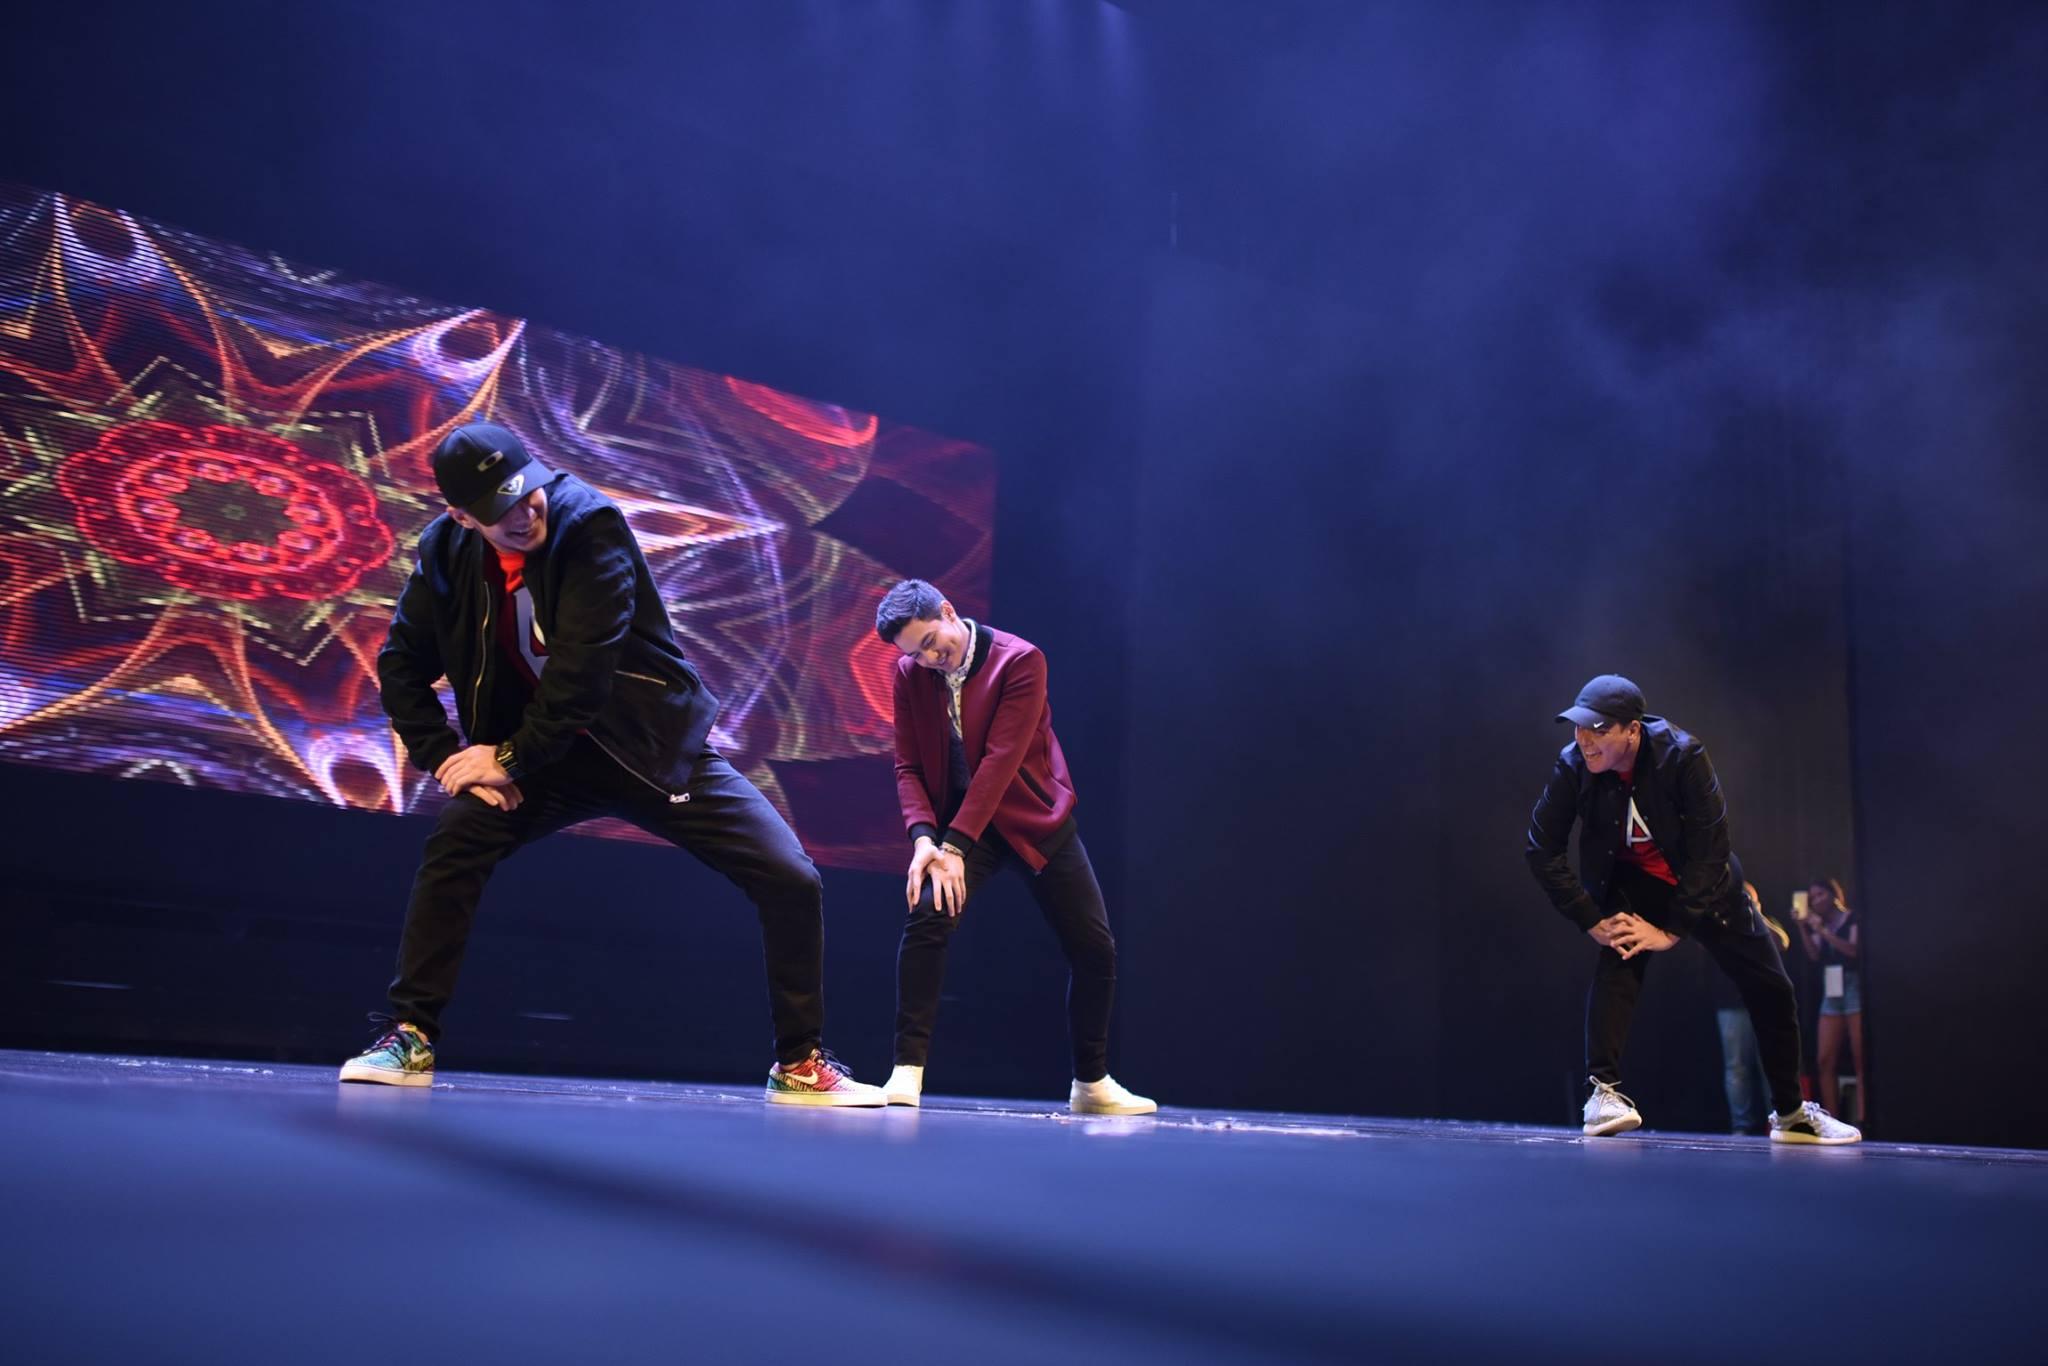 alden richards concert in singapore dance